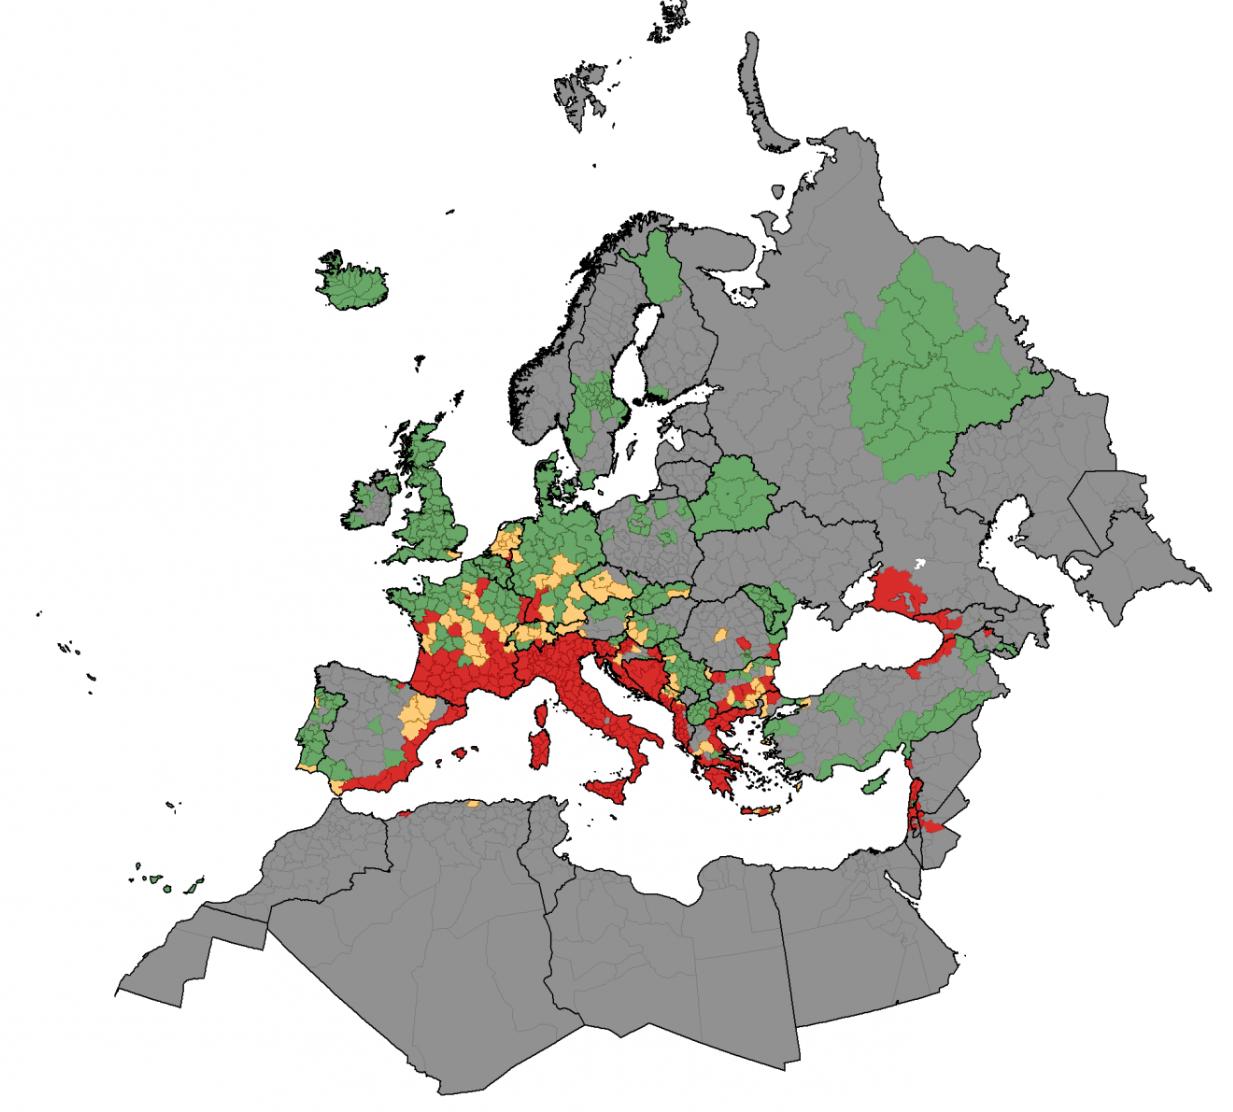 Presenza in Europa della zanzara tigre